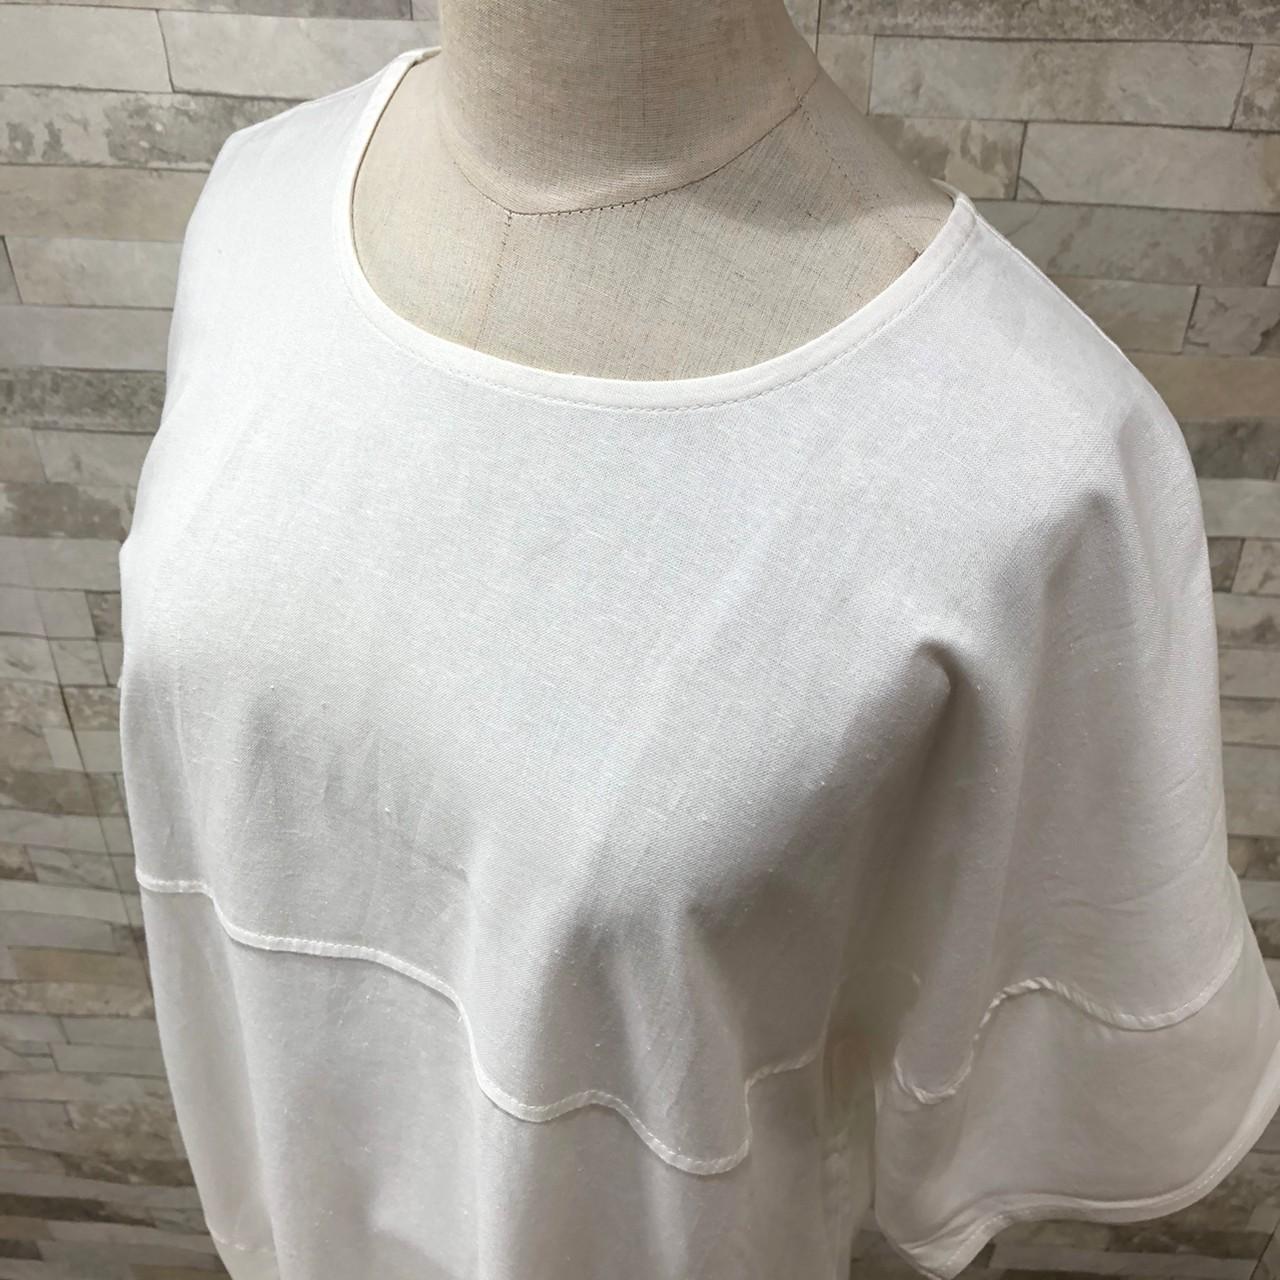 韓国 ファッション ワンピース 春 夏 カジュアル PTXI416  袖コンシャス ゆったり 体型カバー ラフ オルチャン シンプル 定番 セレカジの写真3枚目